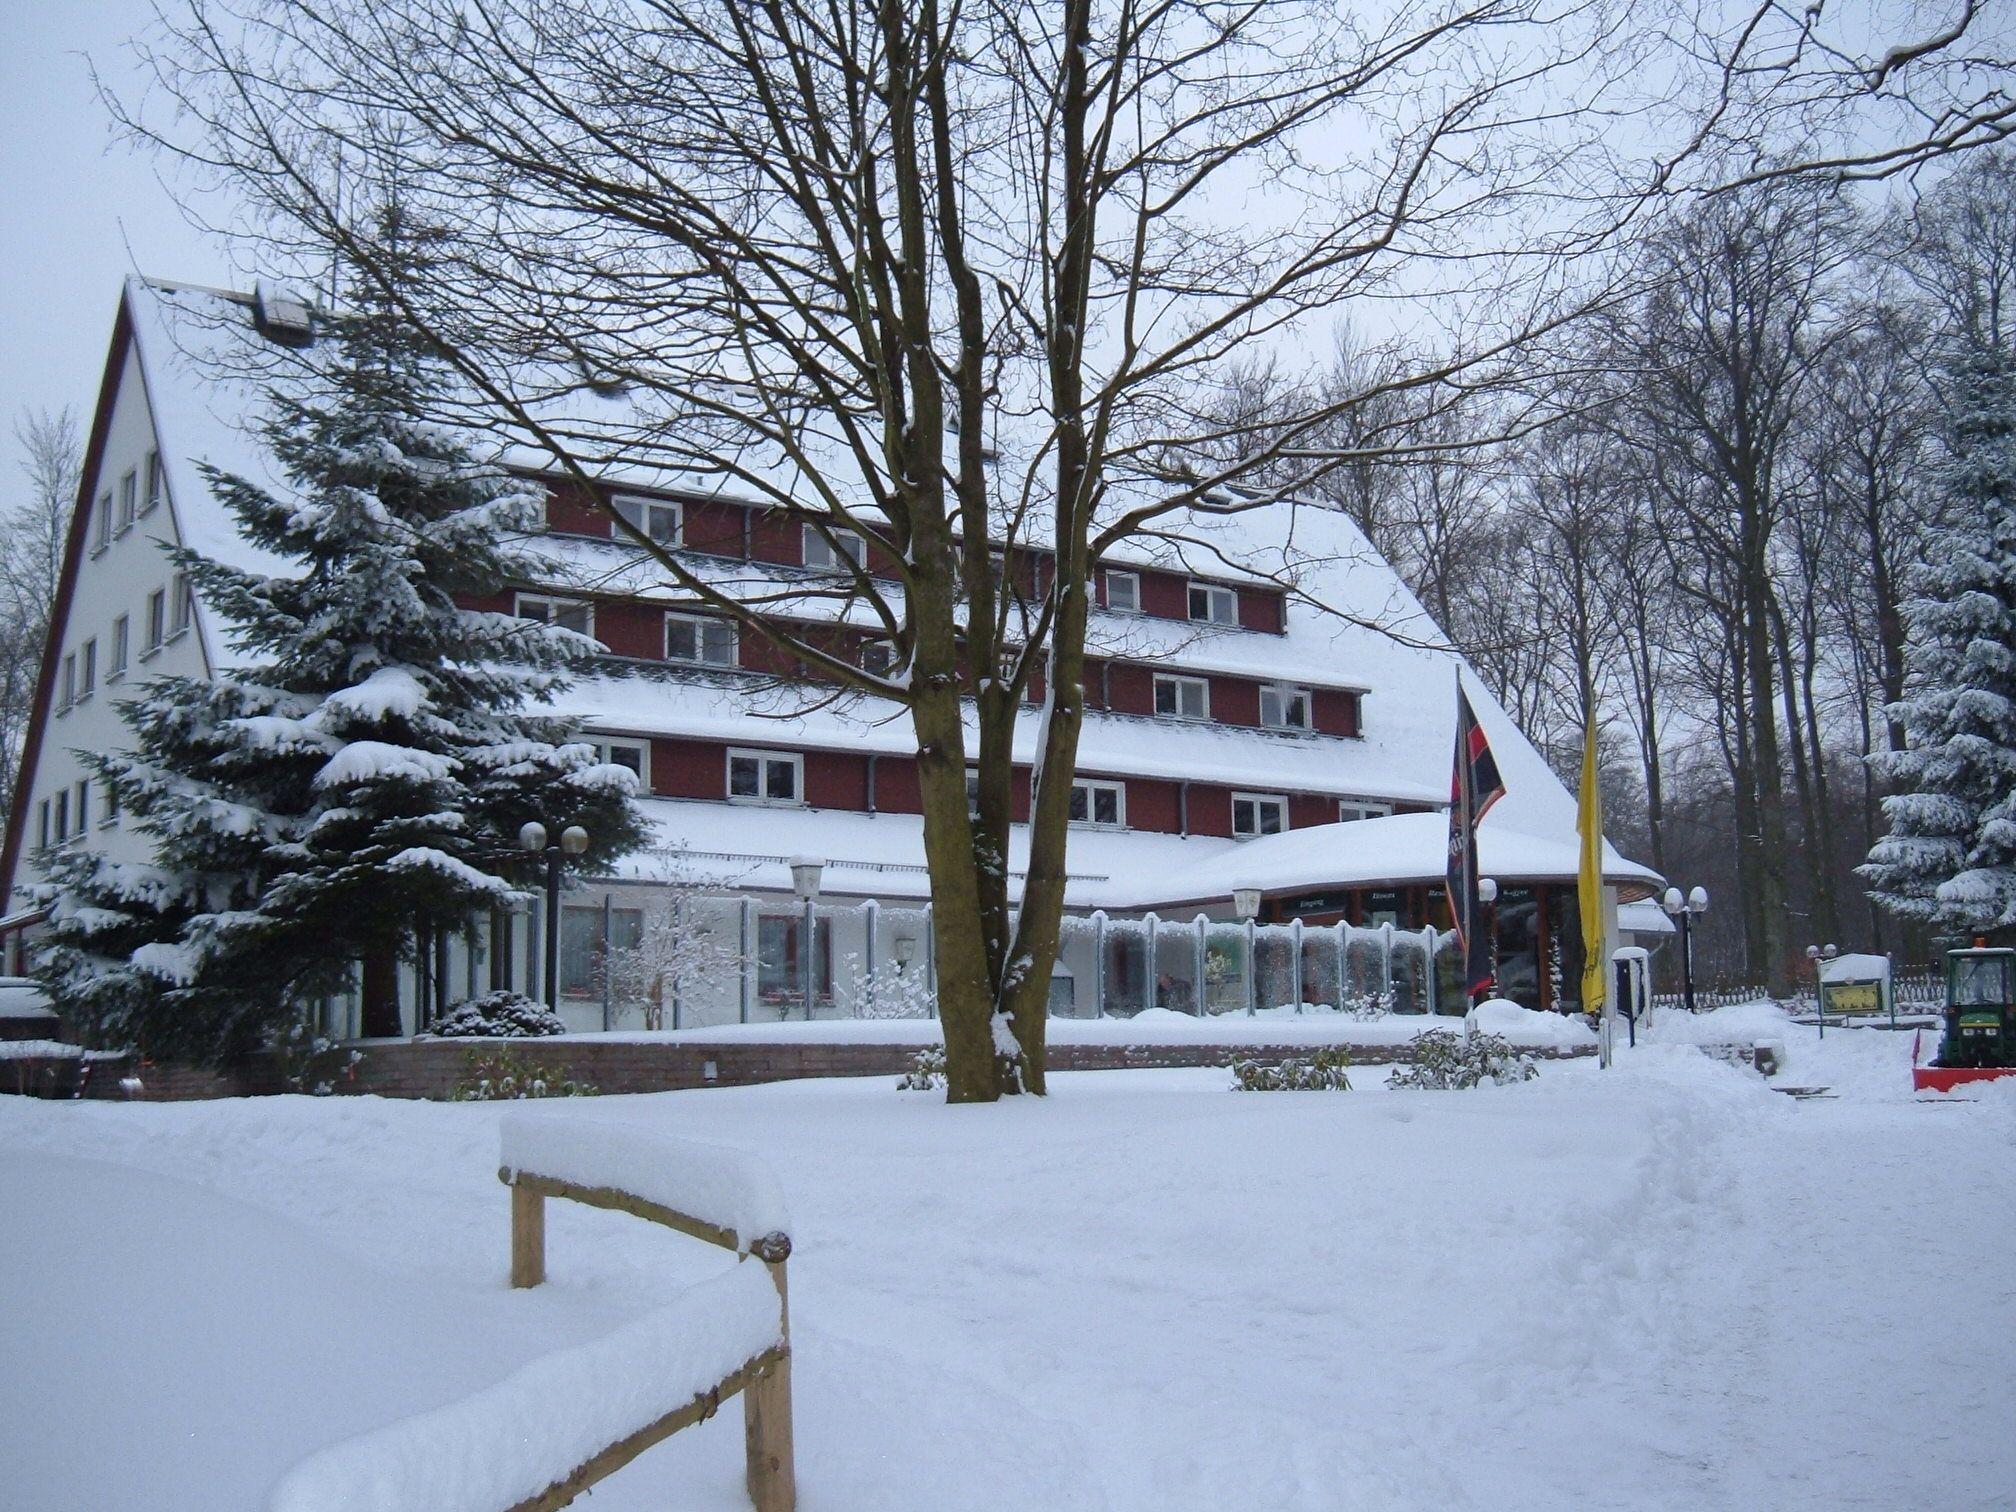 Ihr Hotel auf Usedom in Bildern Bansin usedom, Usedom